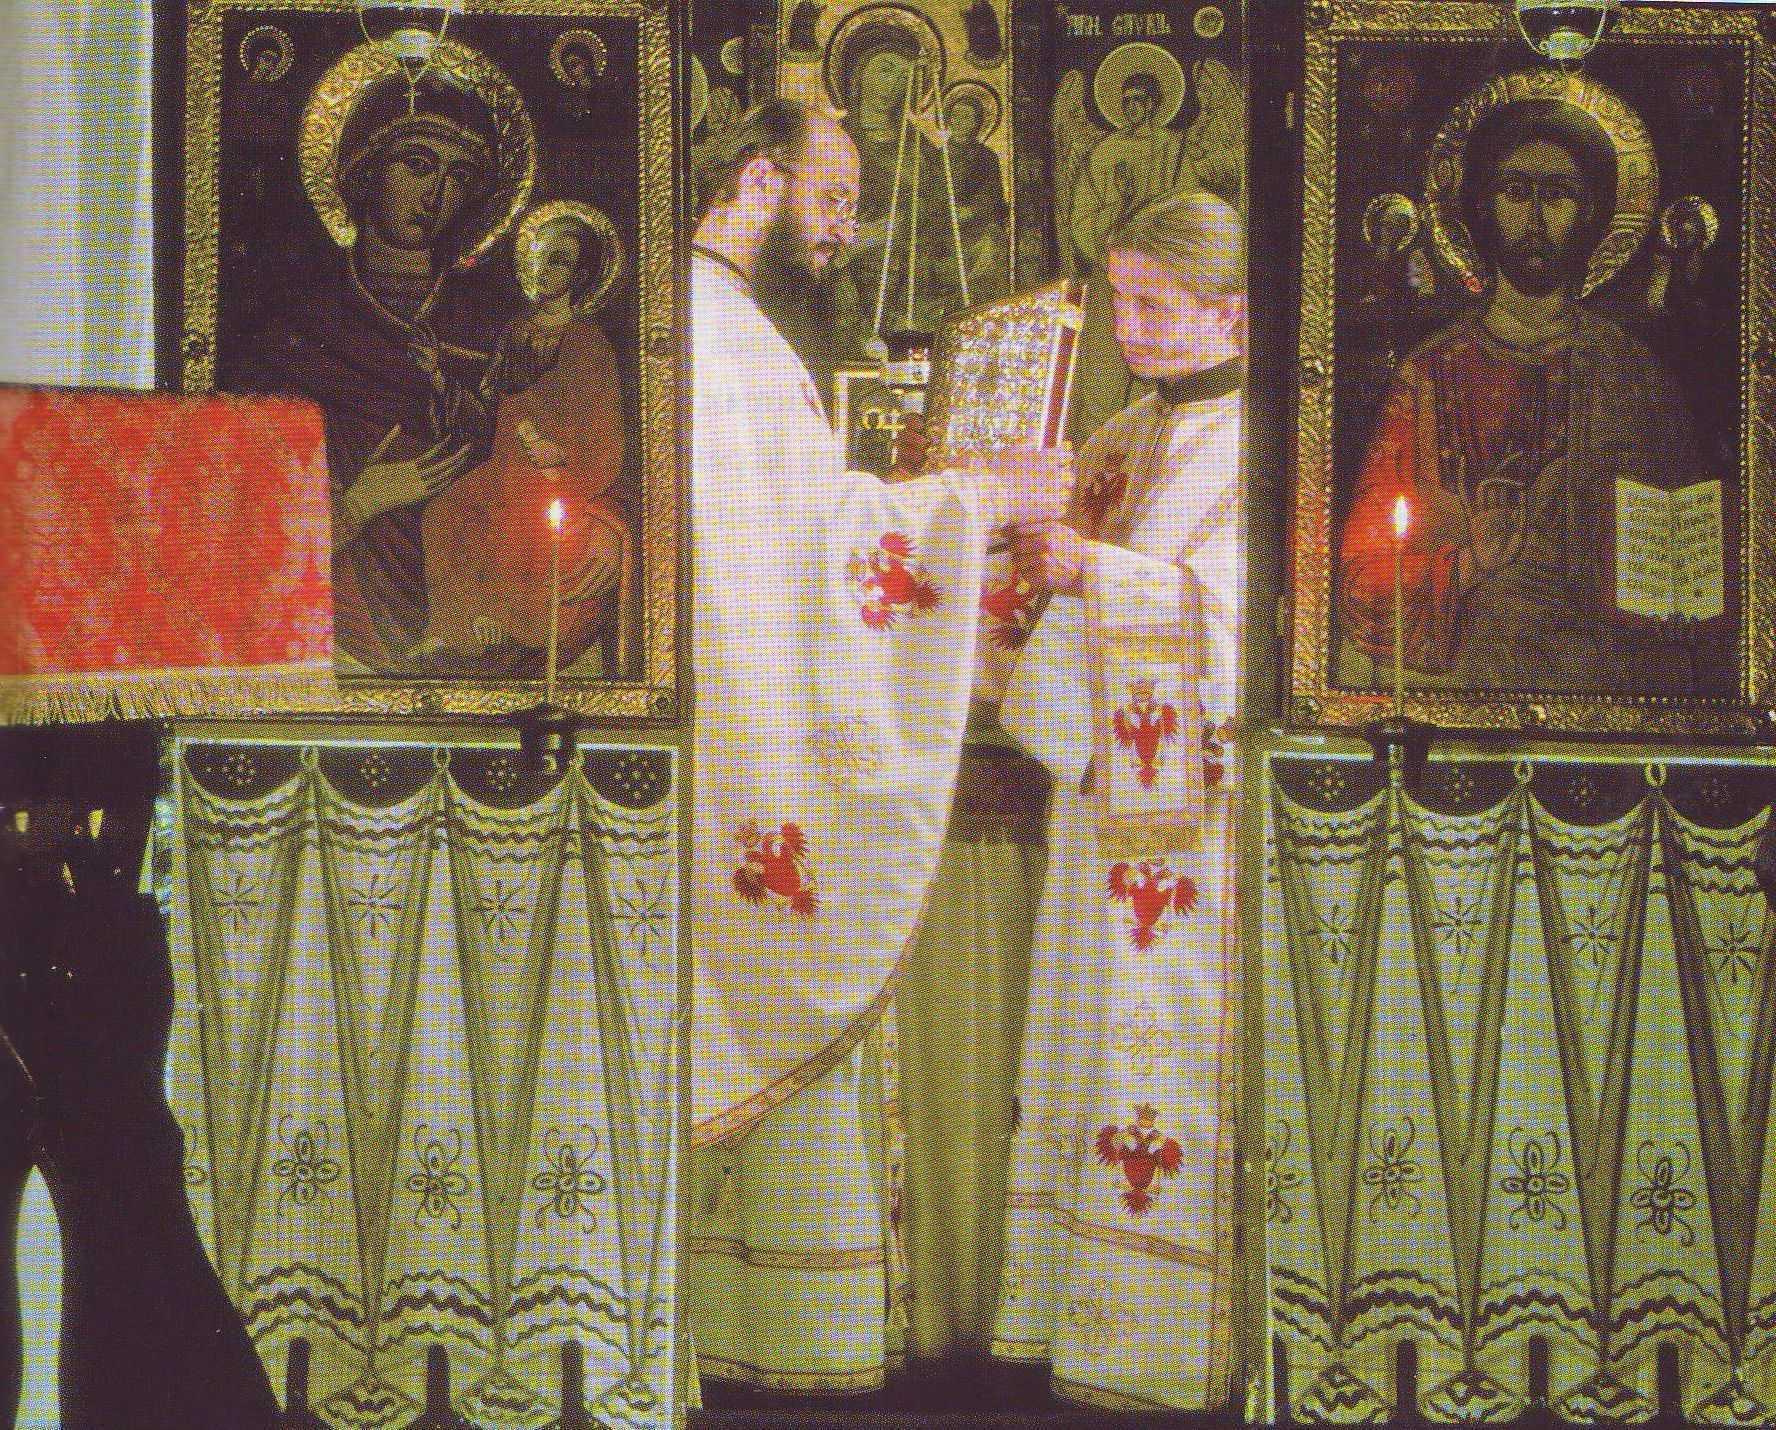 """Staretul Melhisedec de la Lupsa in """"Familia ortodoxa"""" despre FOCUL RAVNEI, ORBIREA FORMALISMULUI SI LUMINA ASUMARII DE SINE. <b><i>""""Prin pacat, duhurile rautatii te talharesc, se hranesc din energia vietii tale""""</i></b>"""